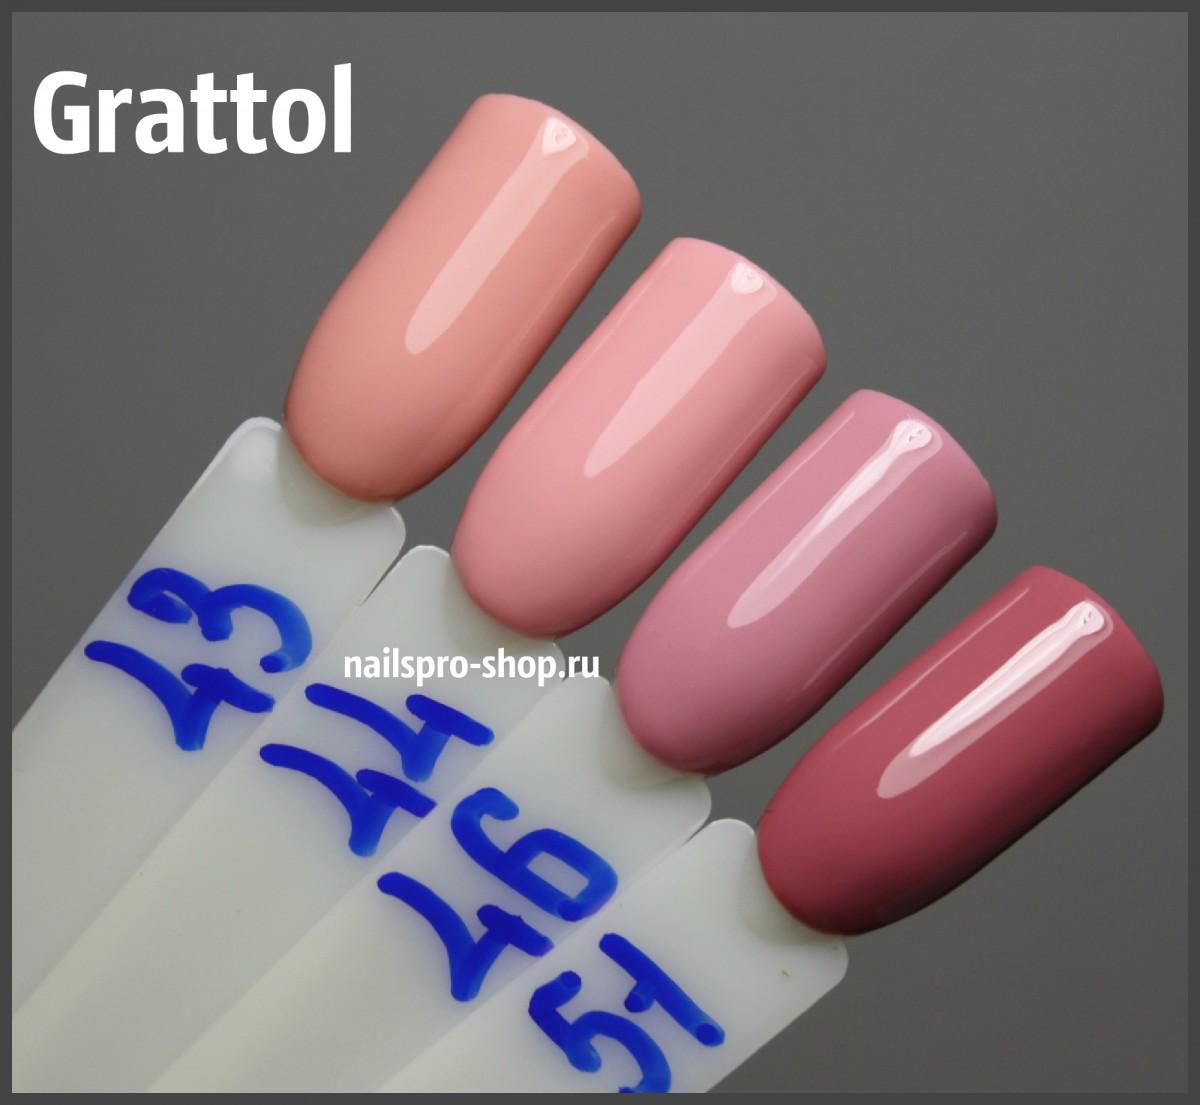 Grattol Color Gel Polish 044 Light Pink